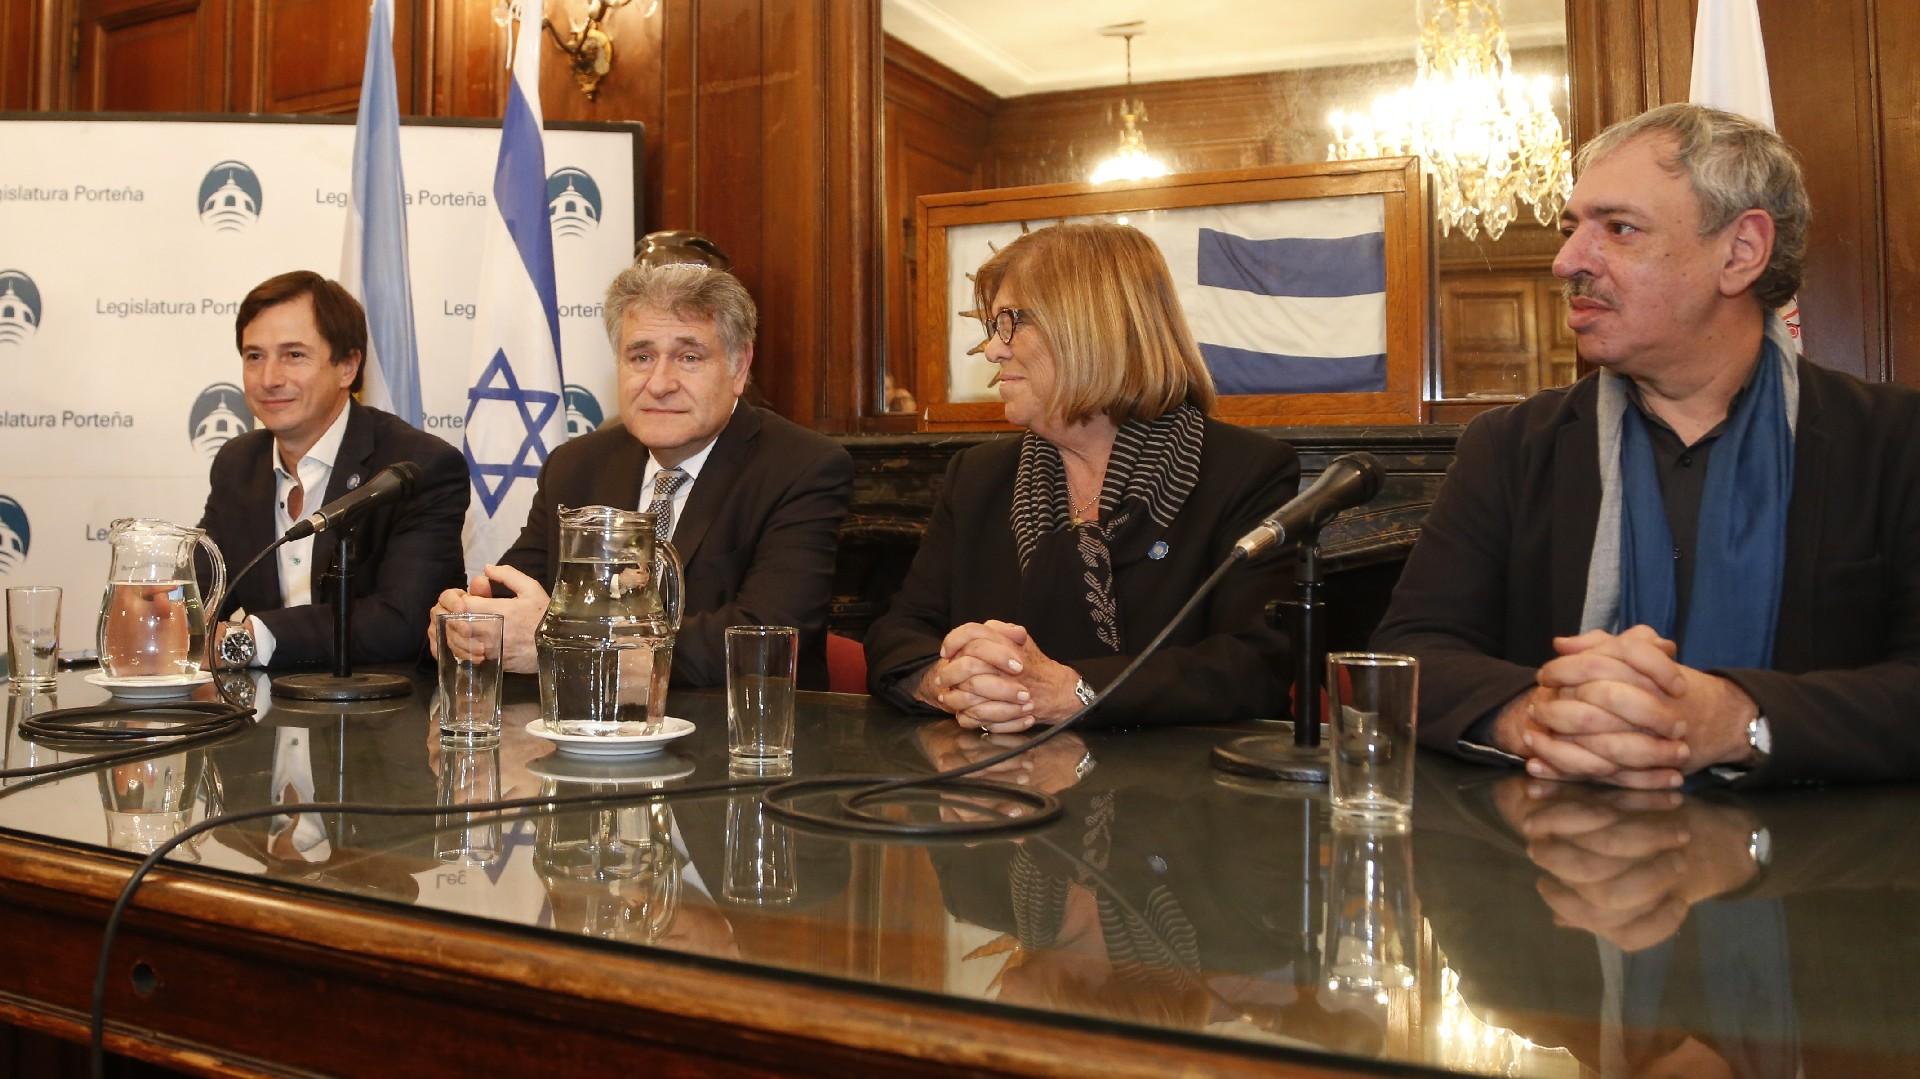 El diputado nacional Daniel Lipovetzky, el rabino Abraham Skorka y los legisladores Lía Rueda y Omar Abboud